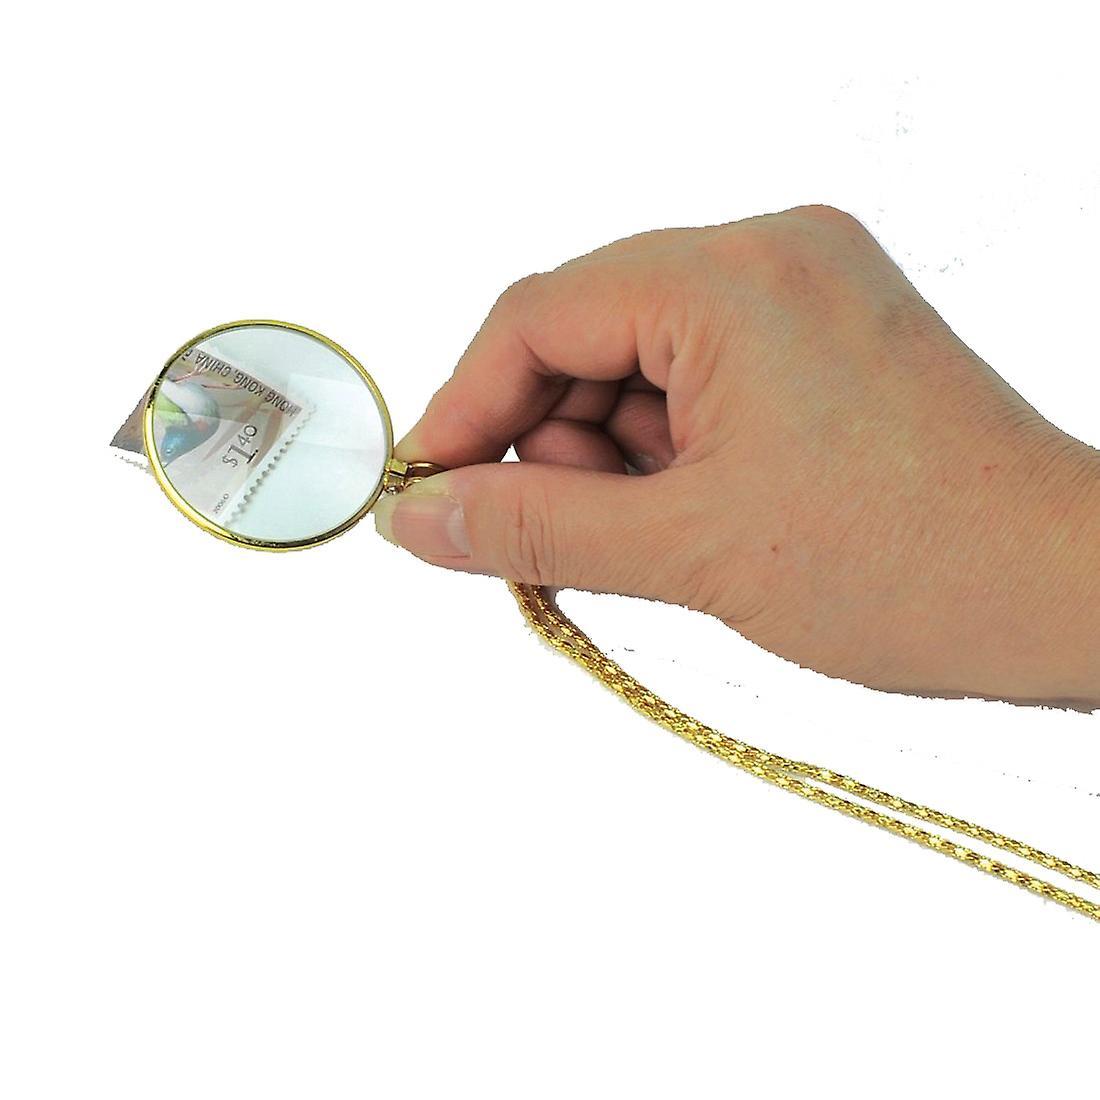 Pendant Magnifier